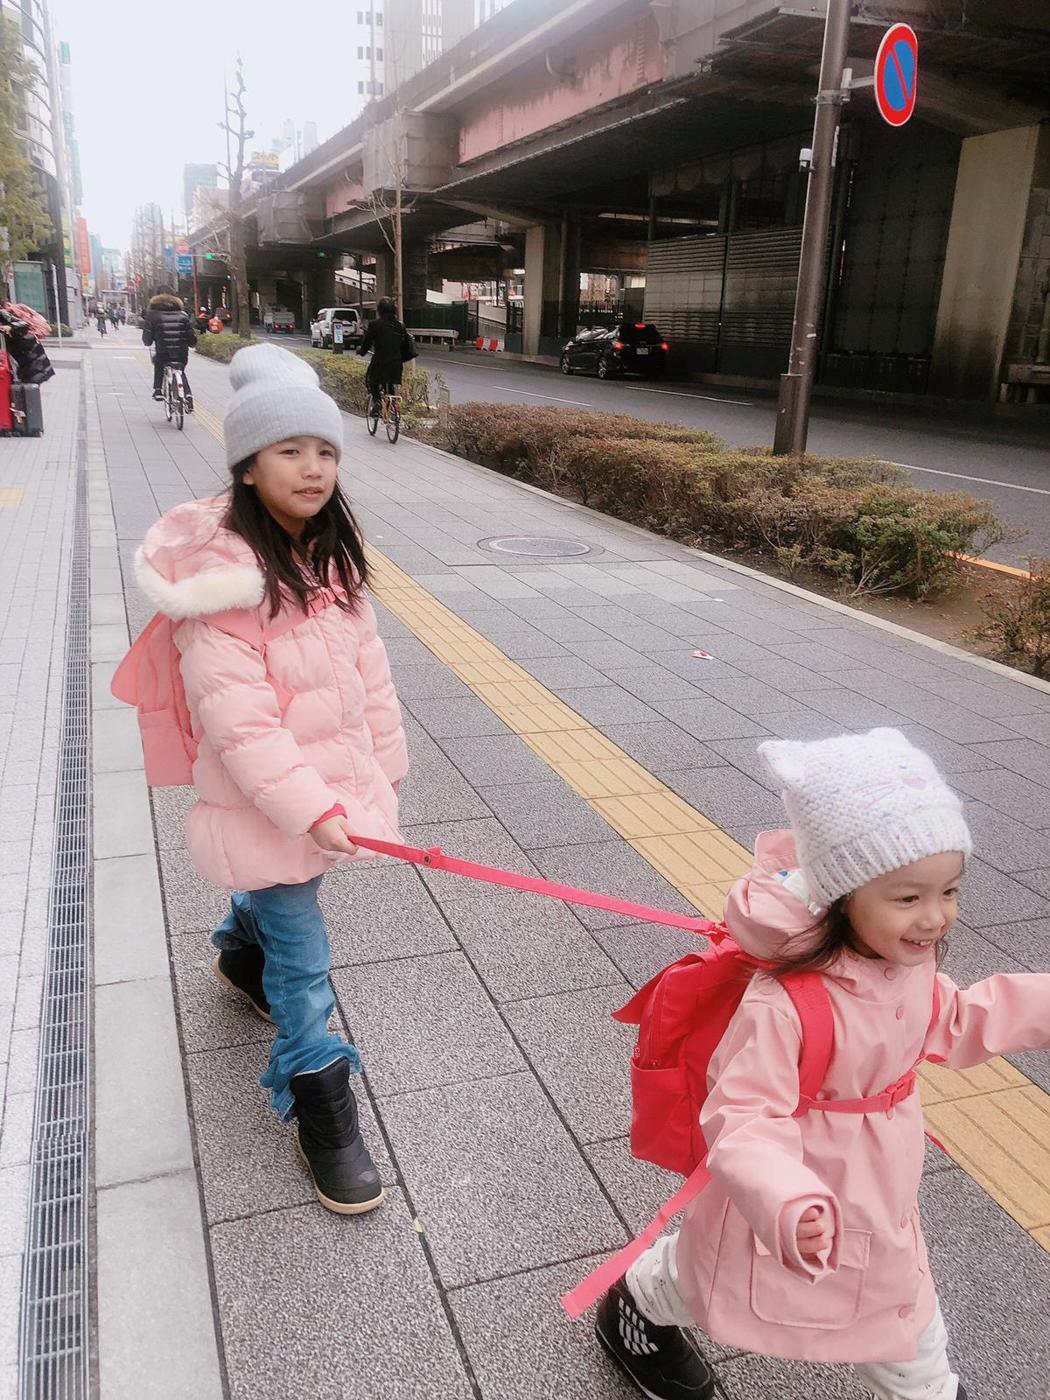 阿翔夫婦笑稱大女兒拉小女兒就像「小阿翔在拉著小Grace」。圖/時代創藝提供